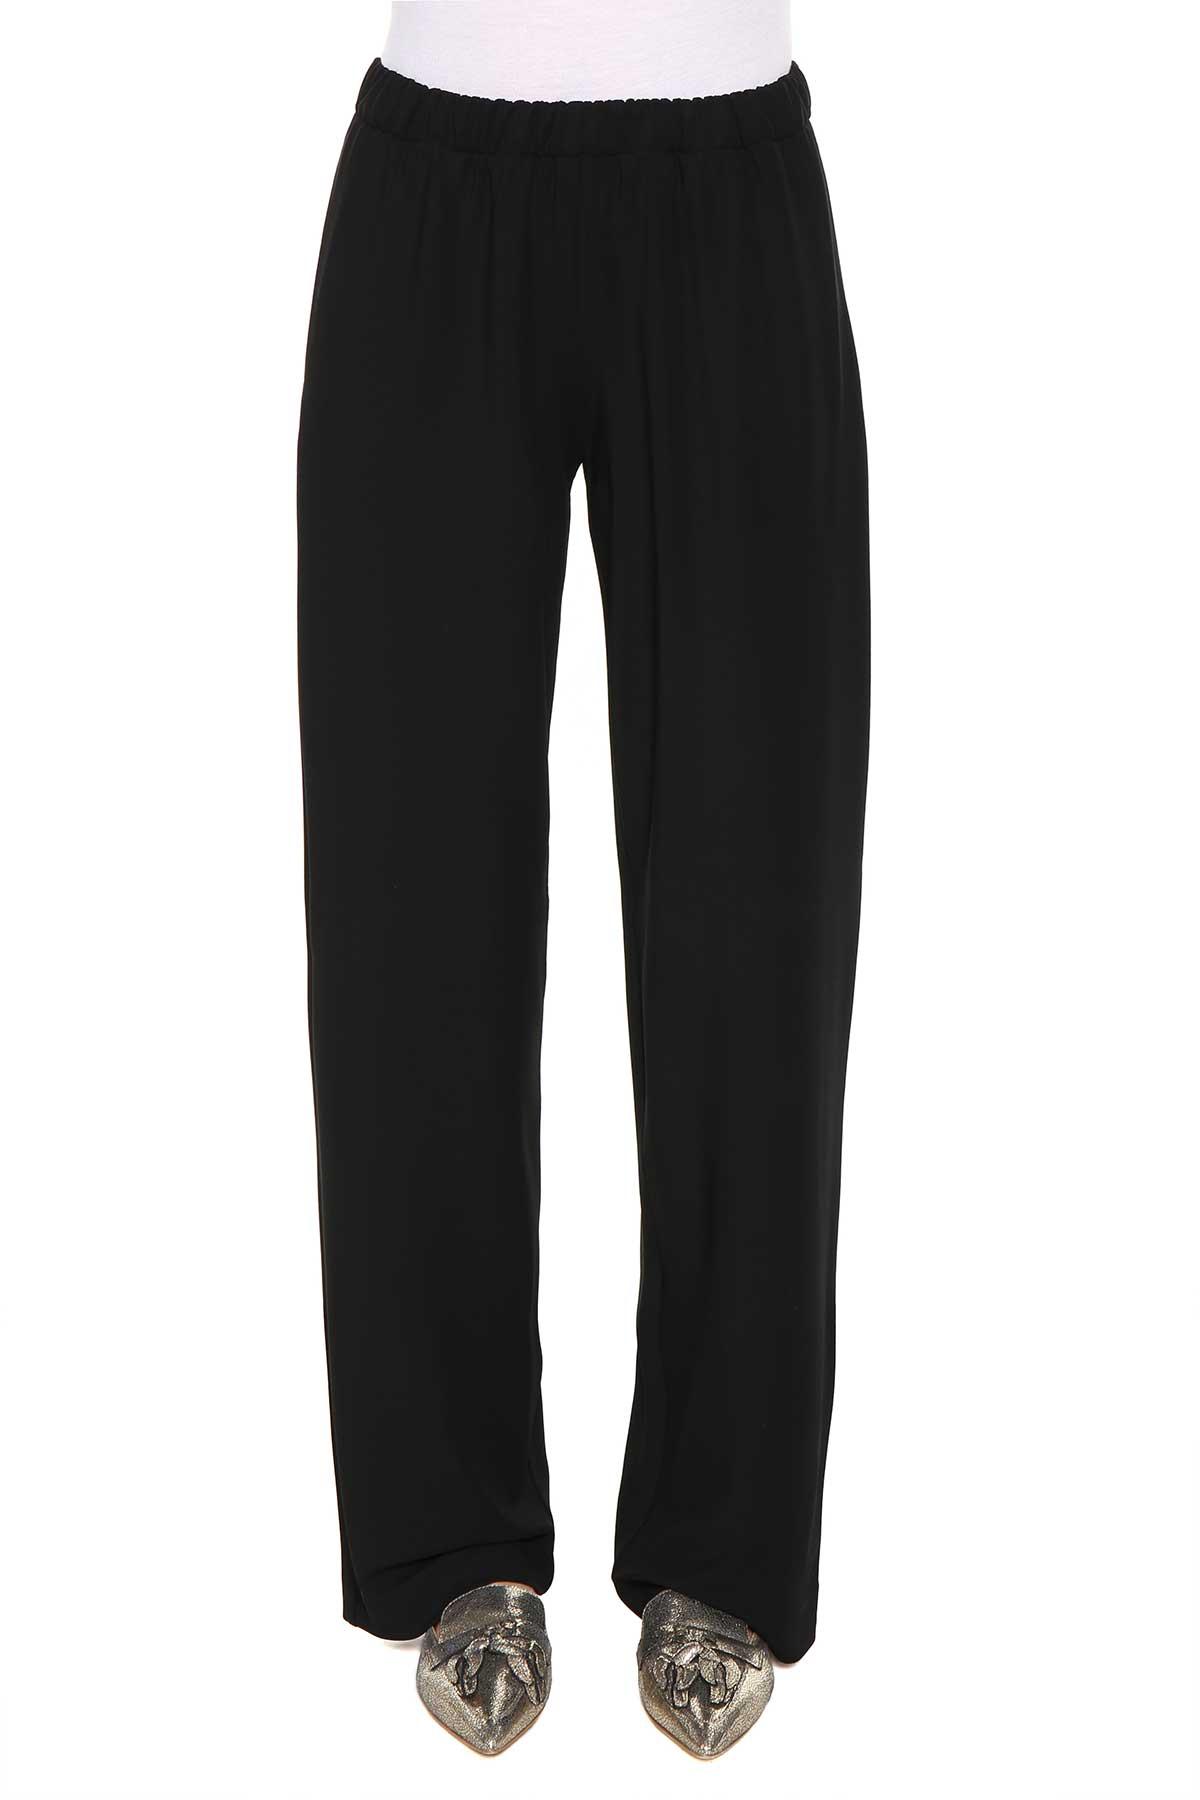 Jersey pants Alberta Ferretti w4BIM7ct